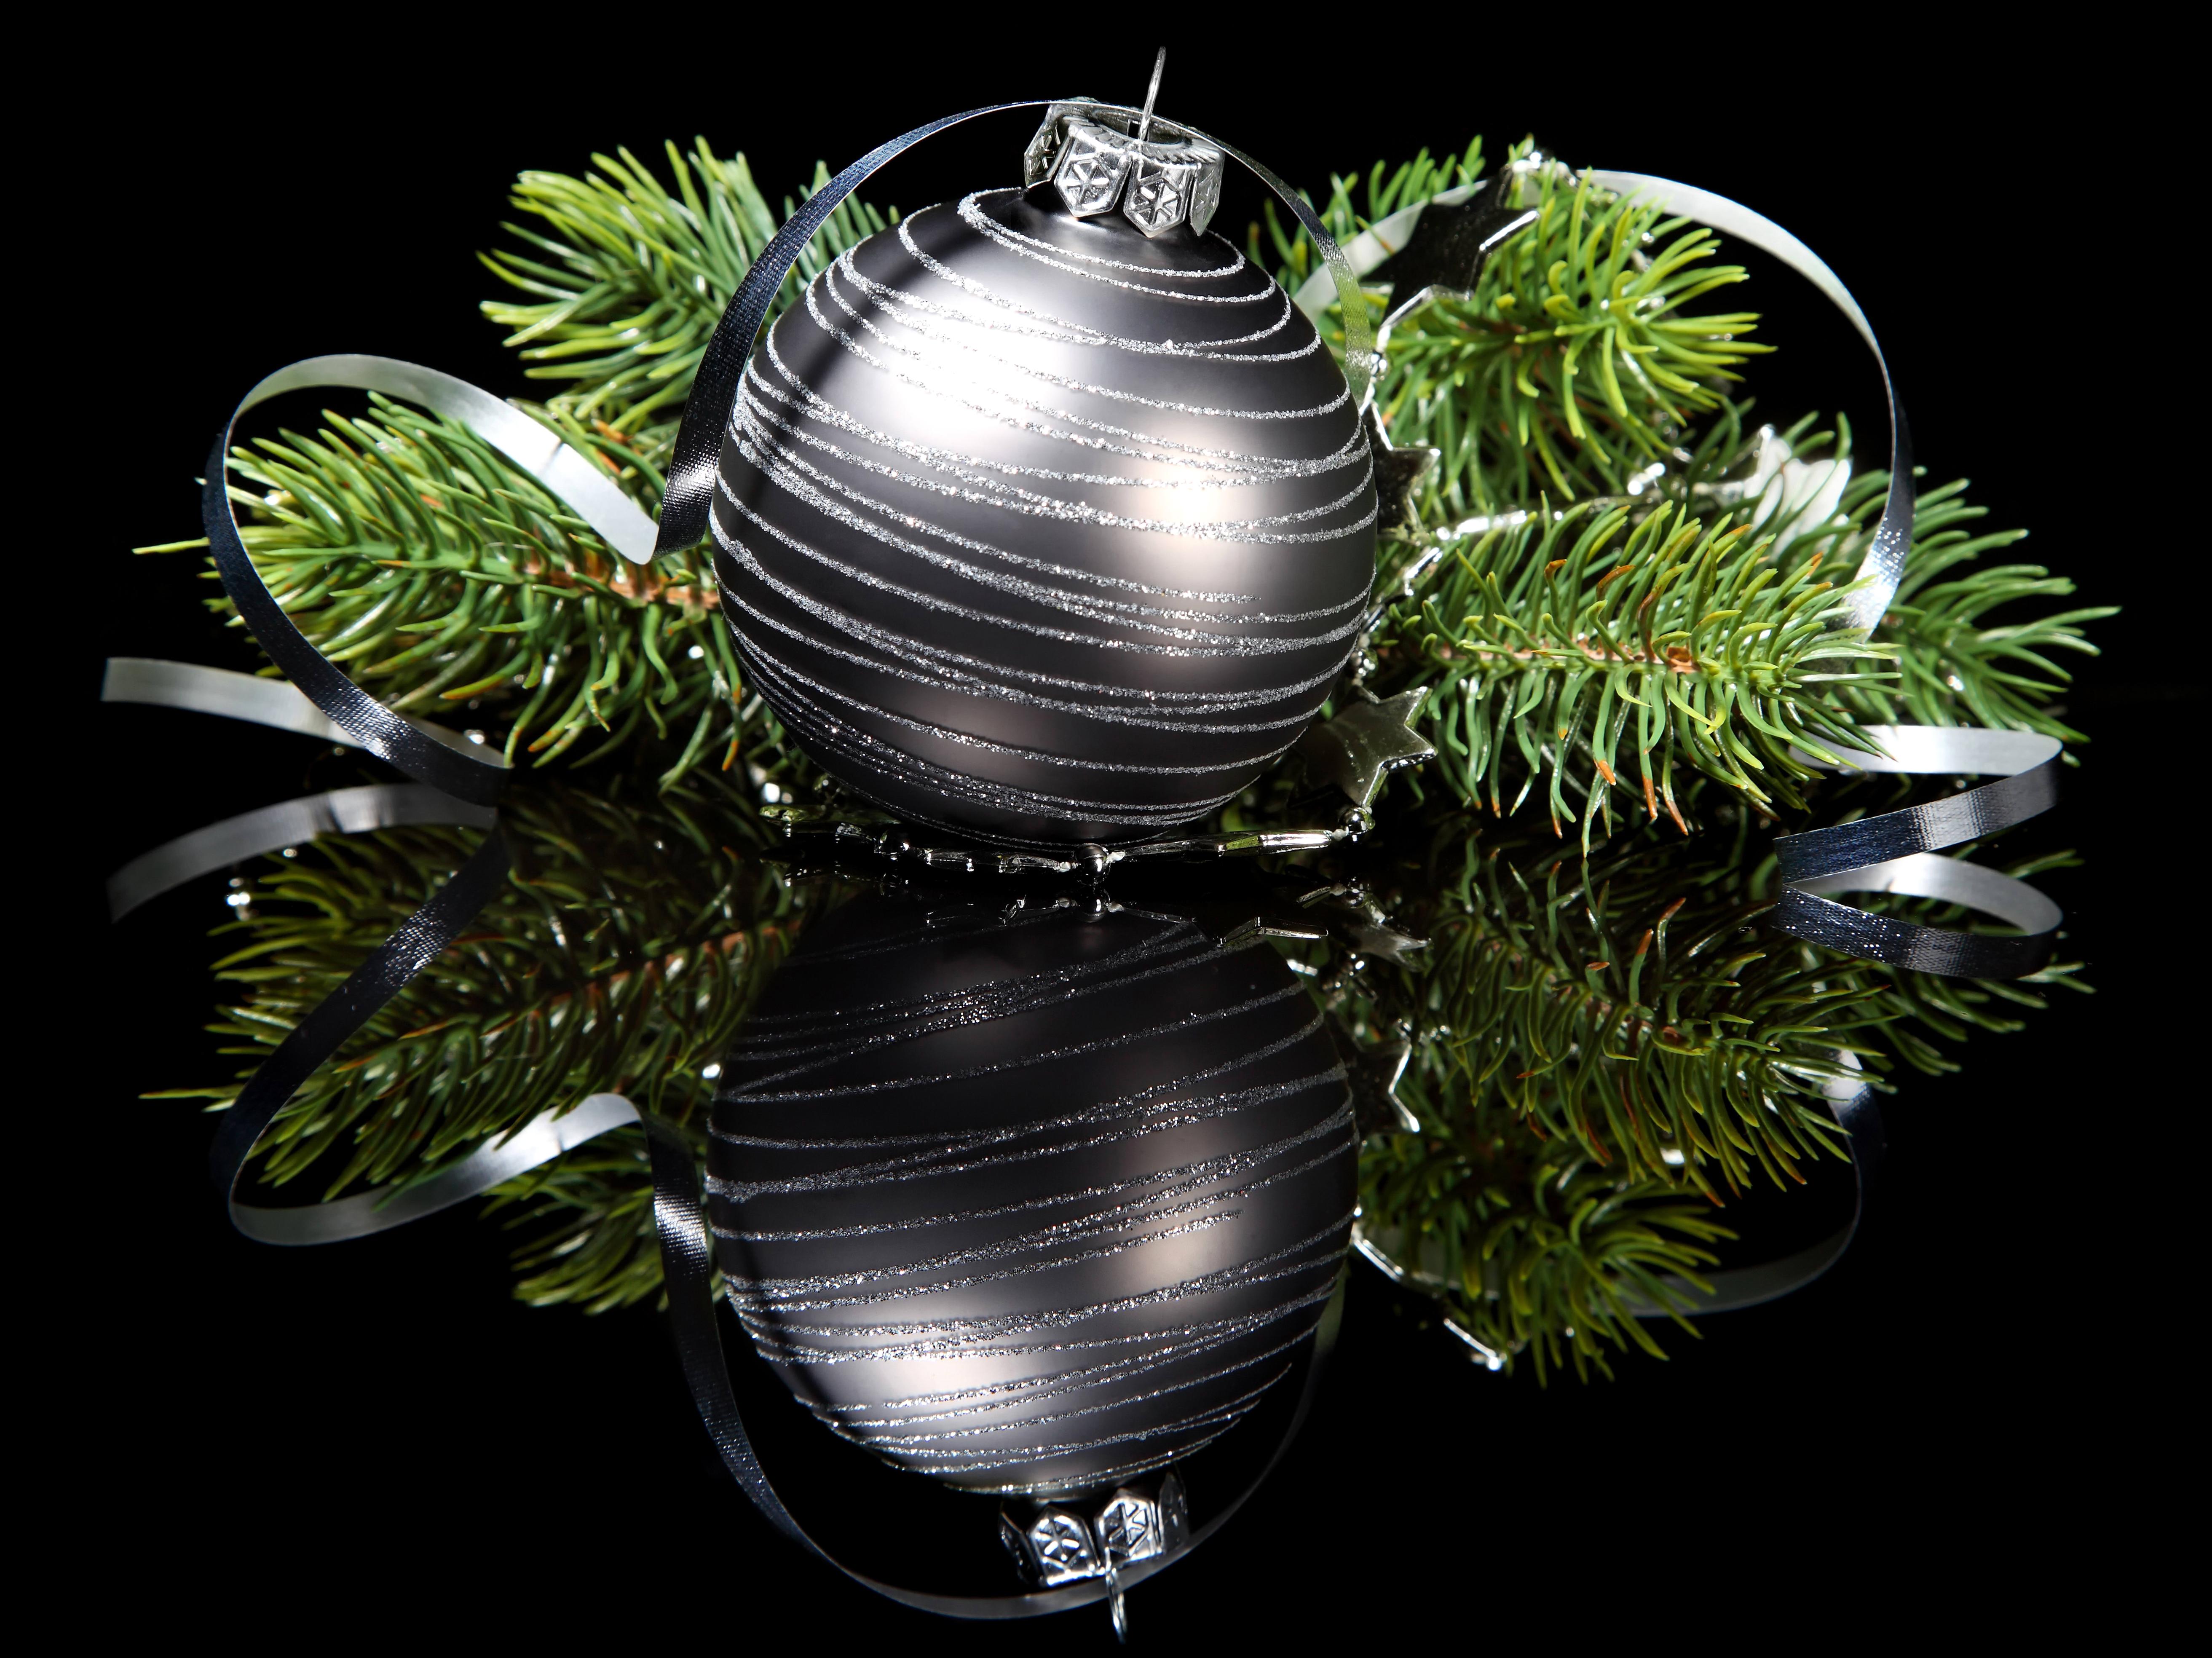 Шар шишки ель Ball cones spruce бесплатно